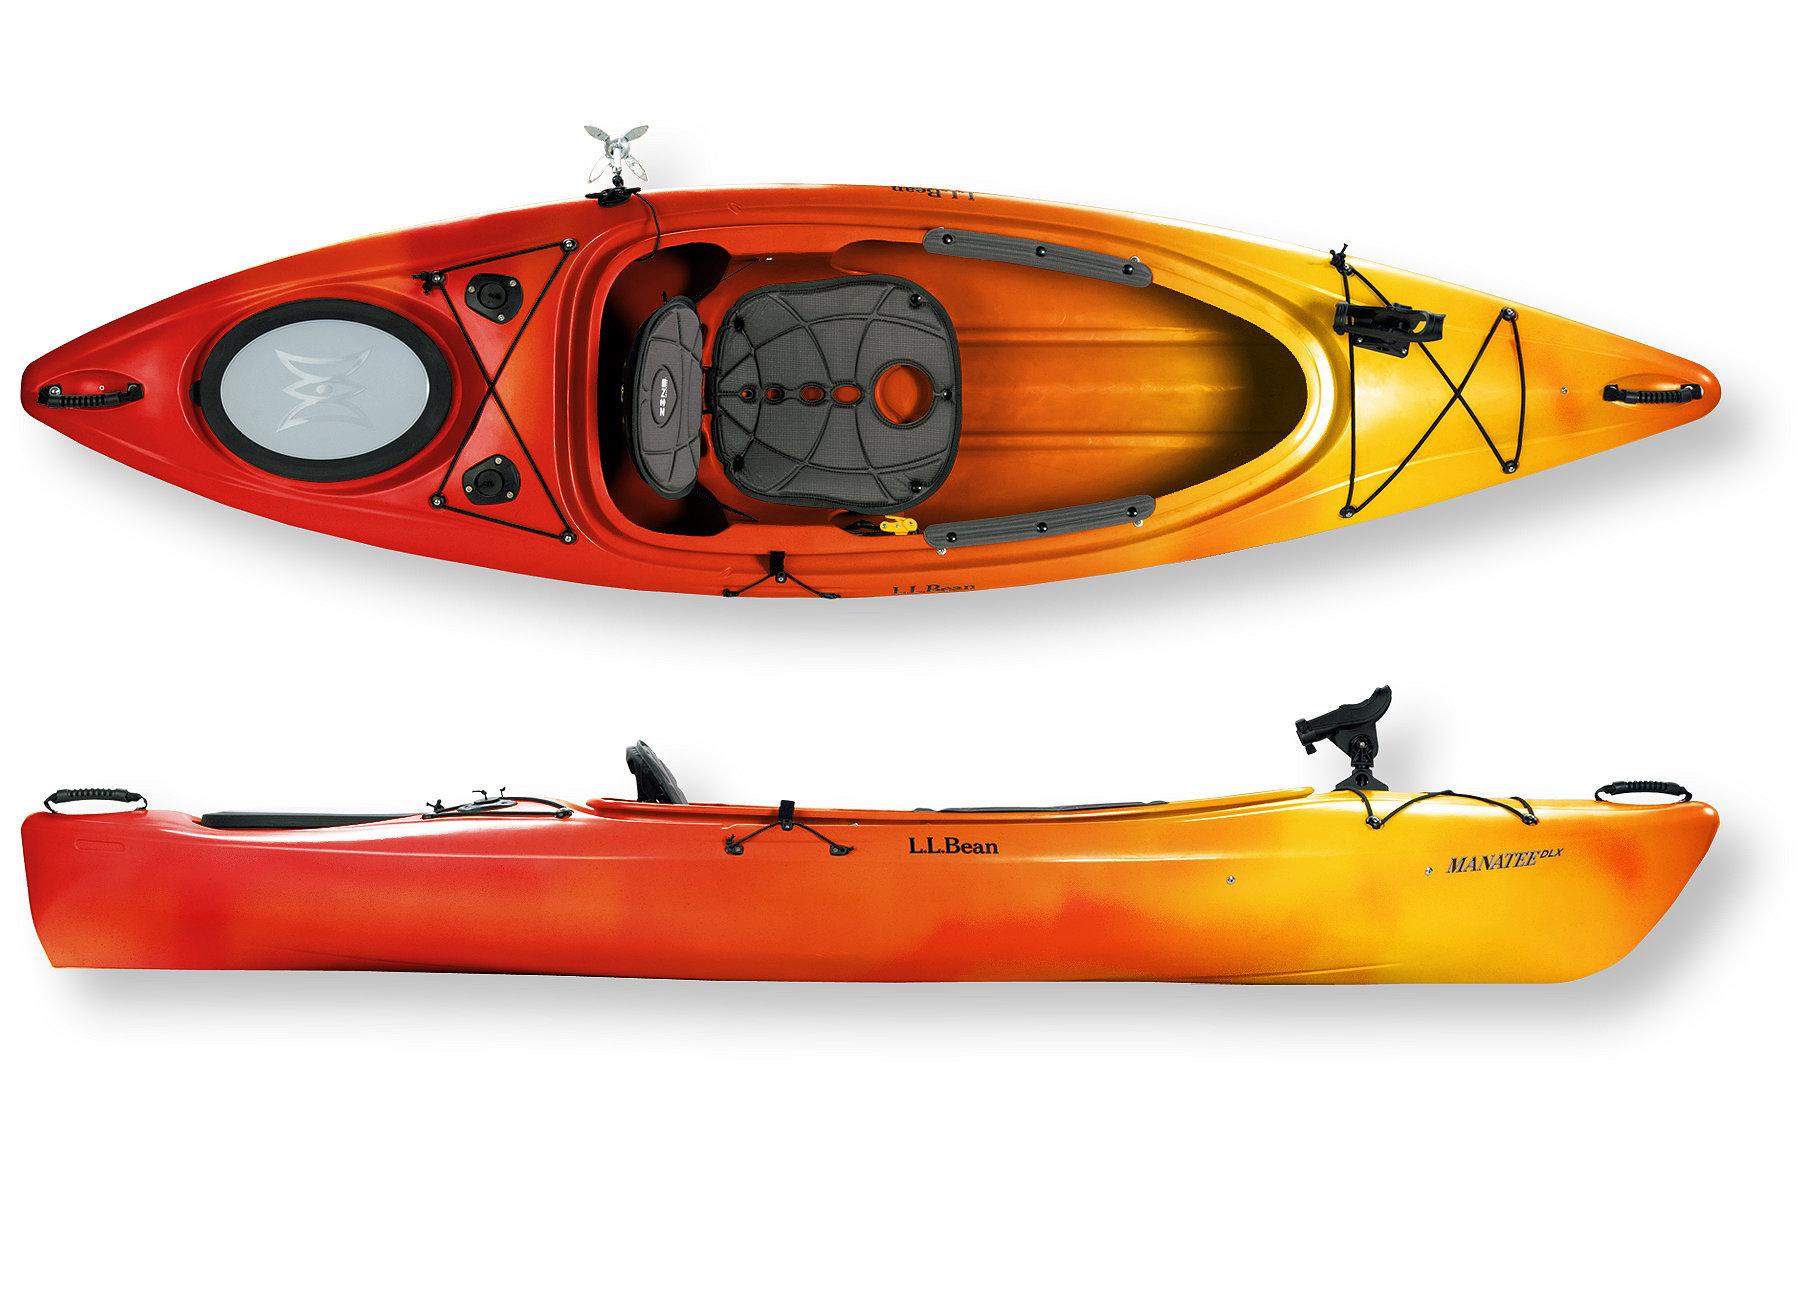 L.L.Bean Manatee 10 Deluxe Angler Kayak